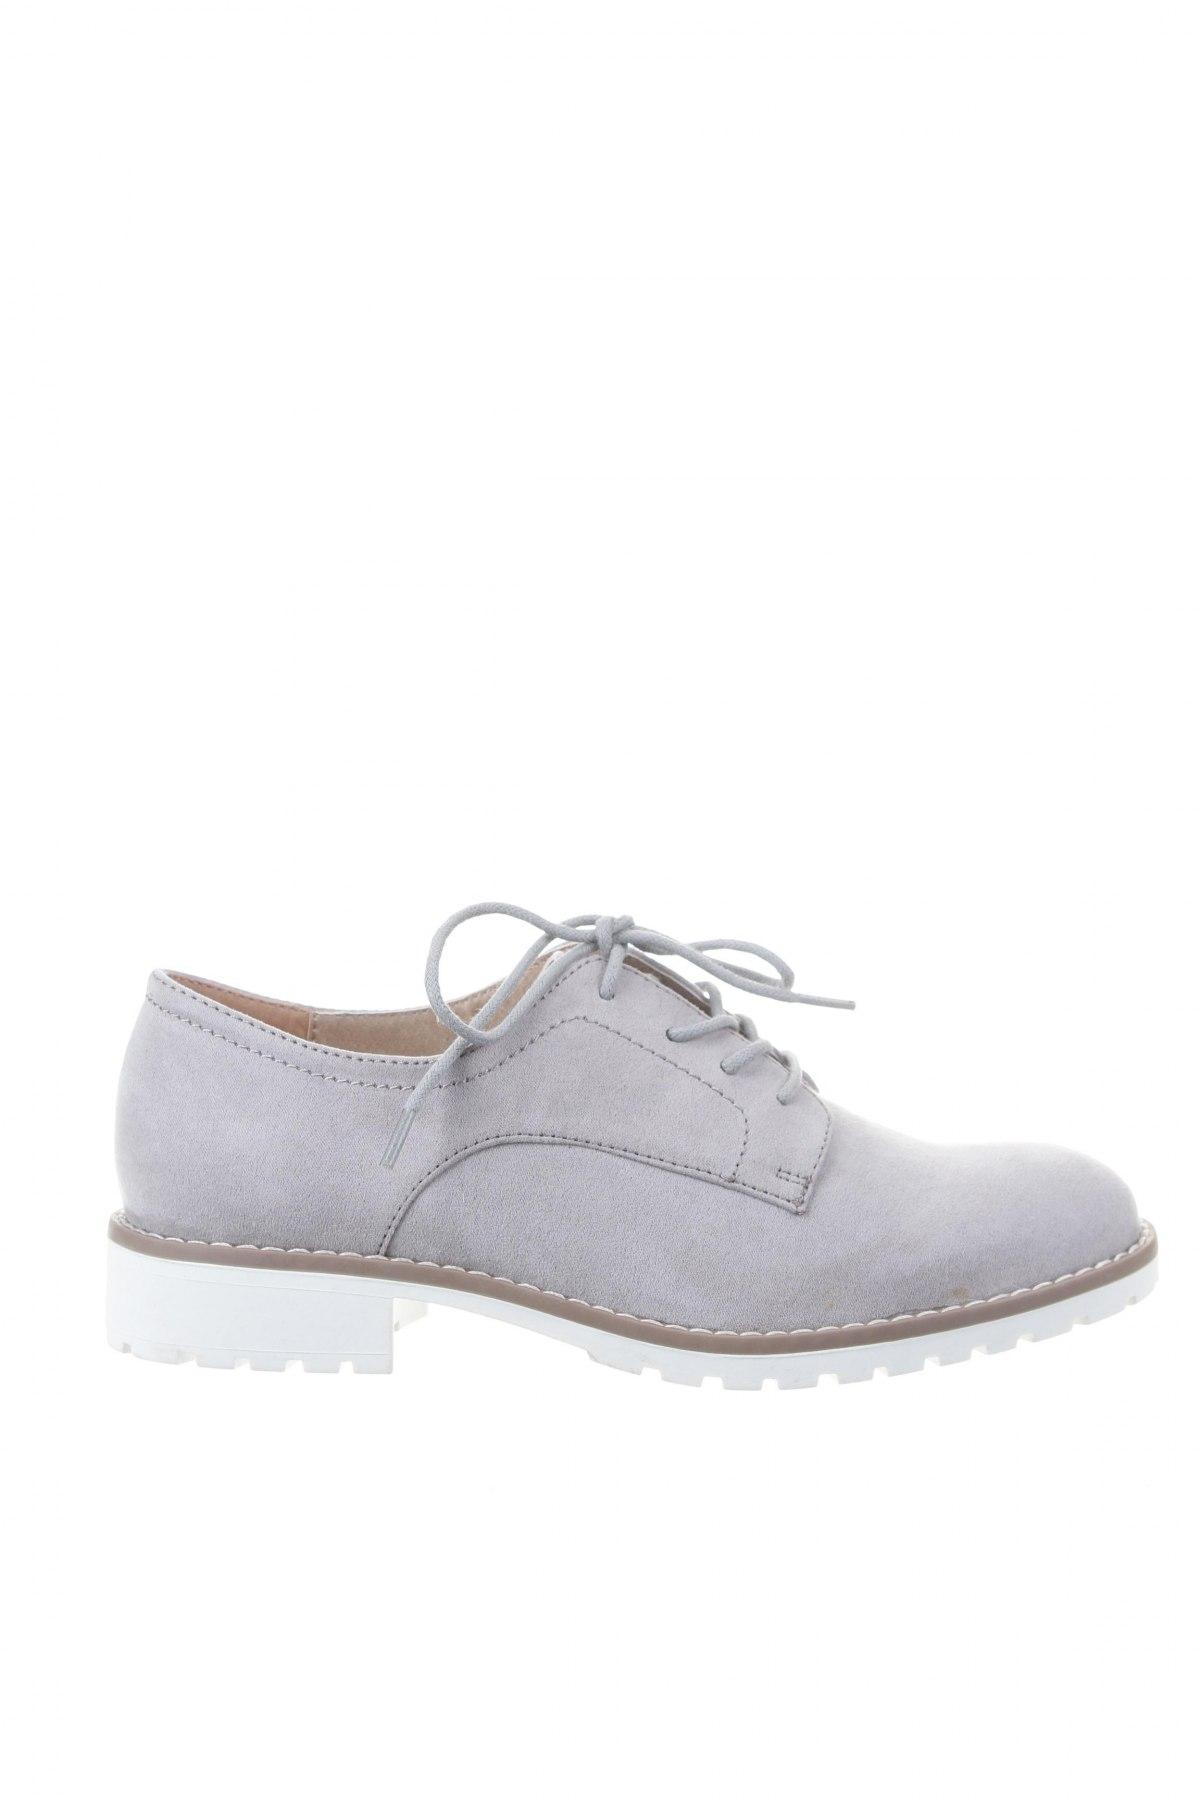 c112661a26 Női cipők Anna Field - kedvező áron Remixben - #100584464